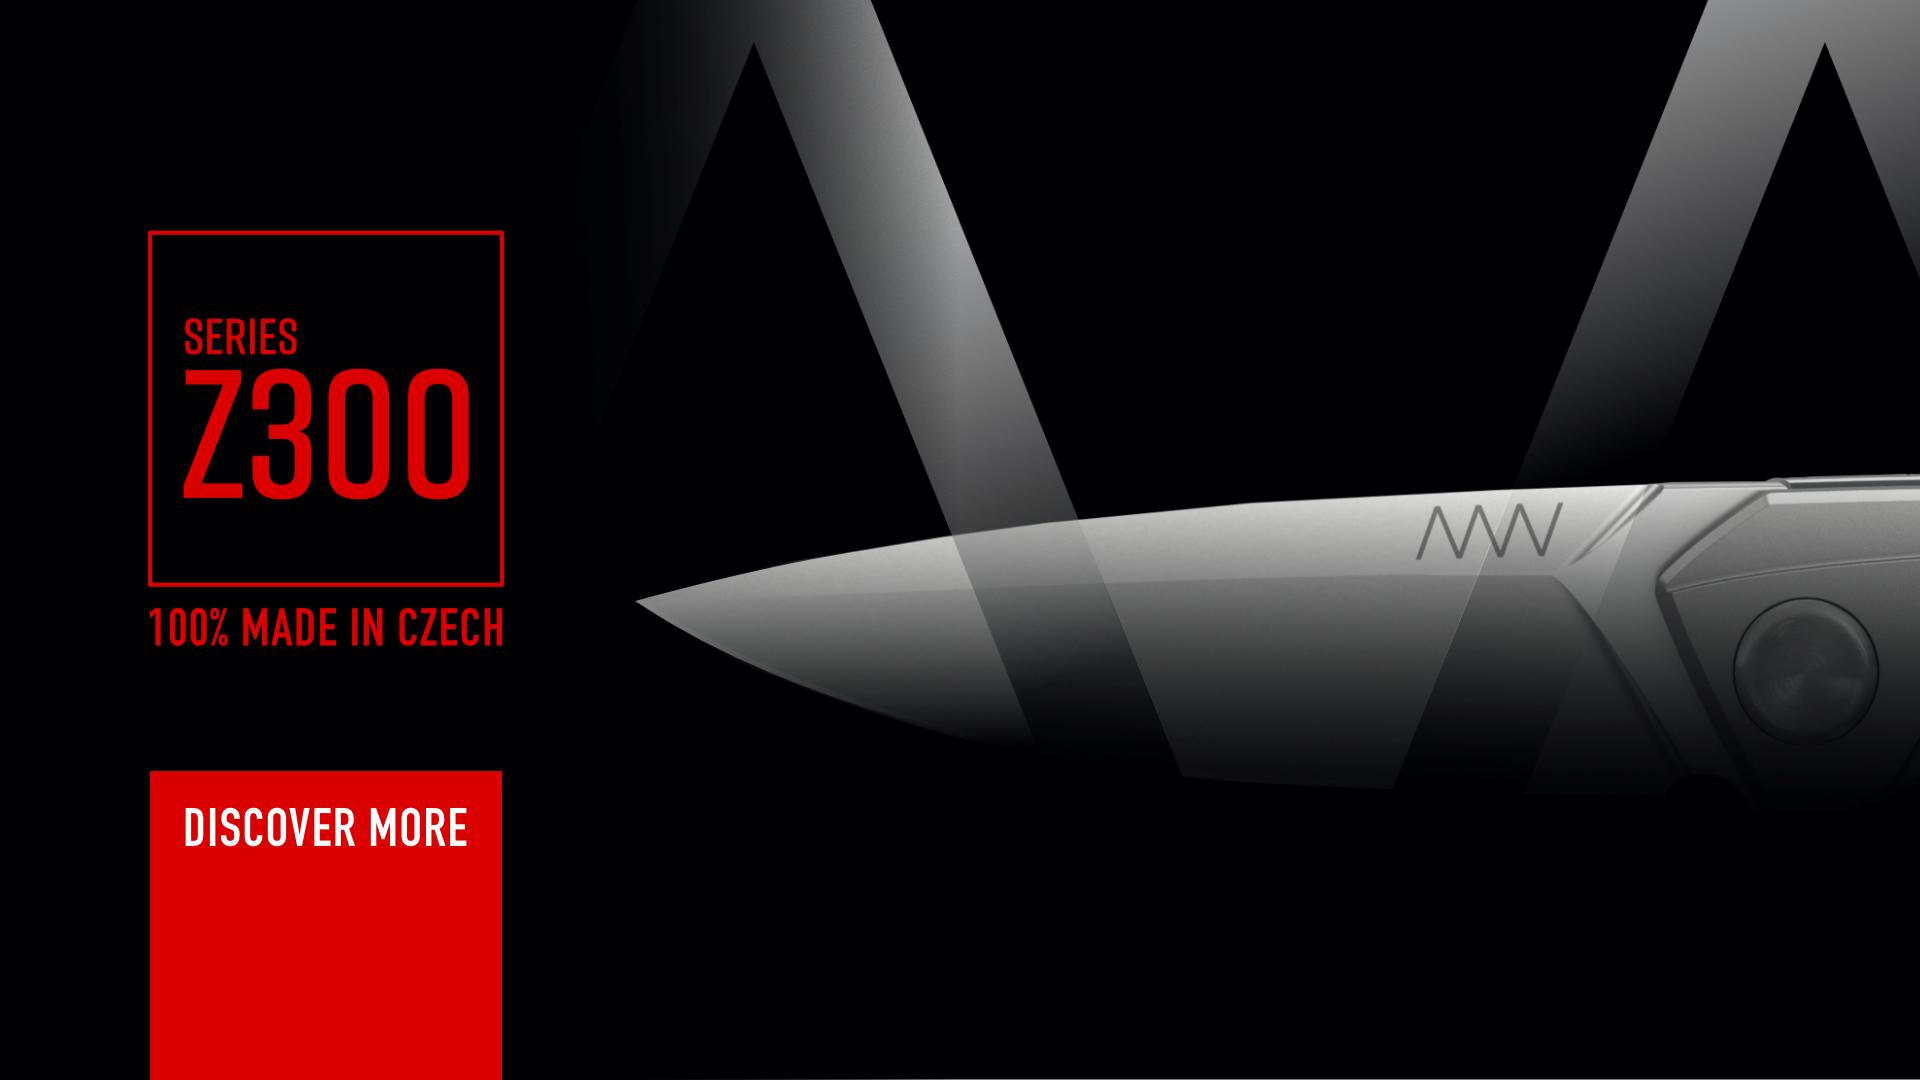 Z300 Discover Promo